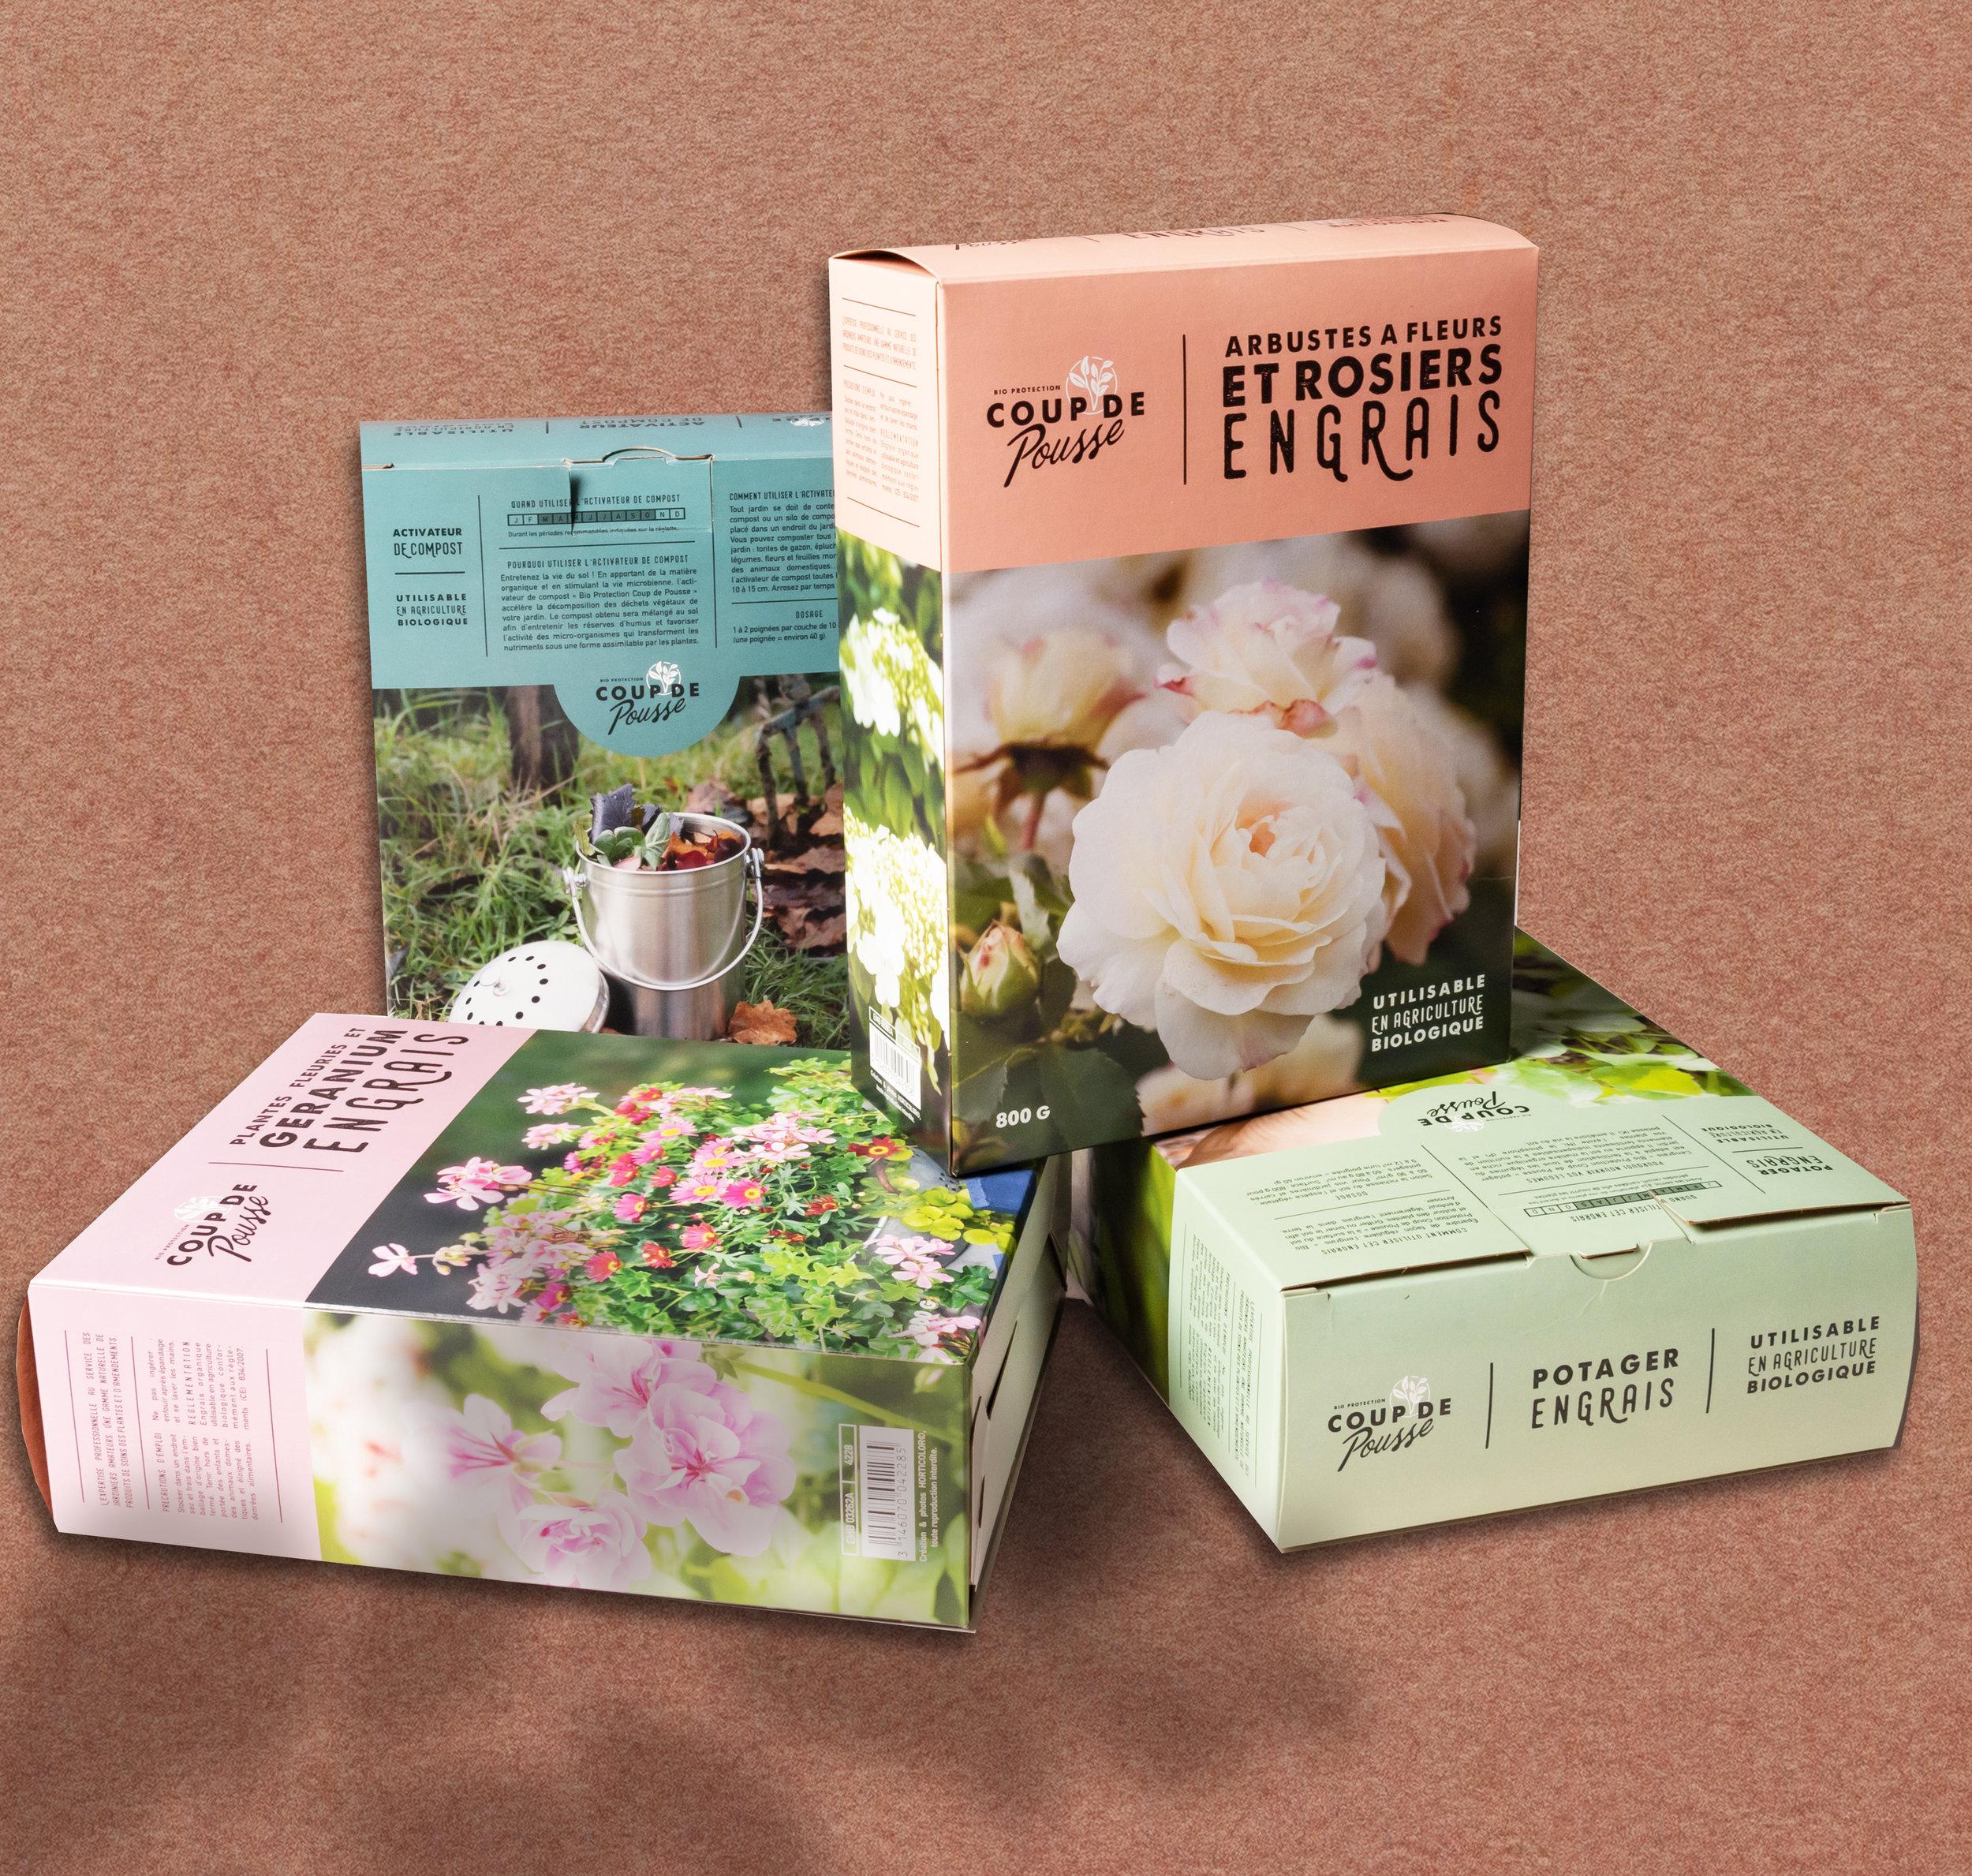 COUP DE POUSSE - création d'un nouvelle marque d'engrais Vendus en GSA, à destination des jardiniers amateurs.